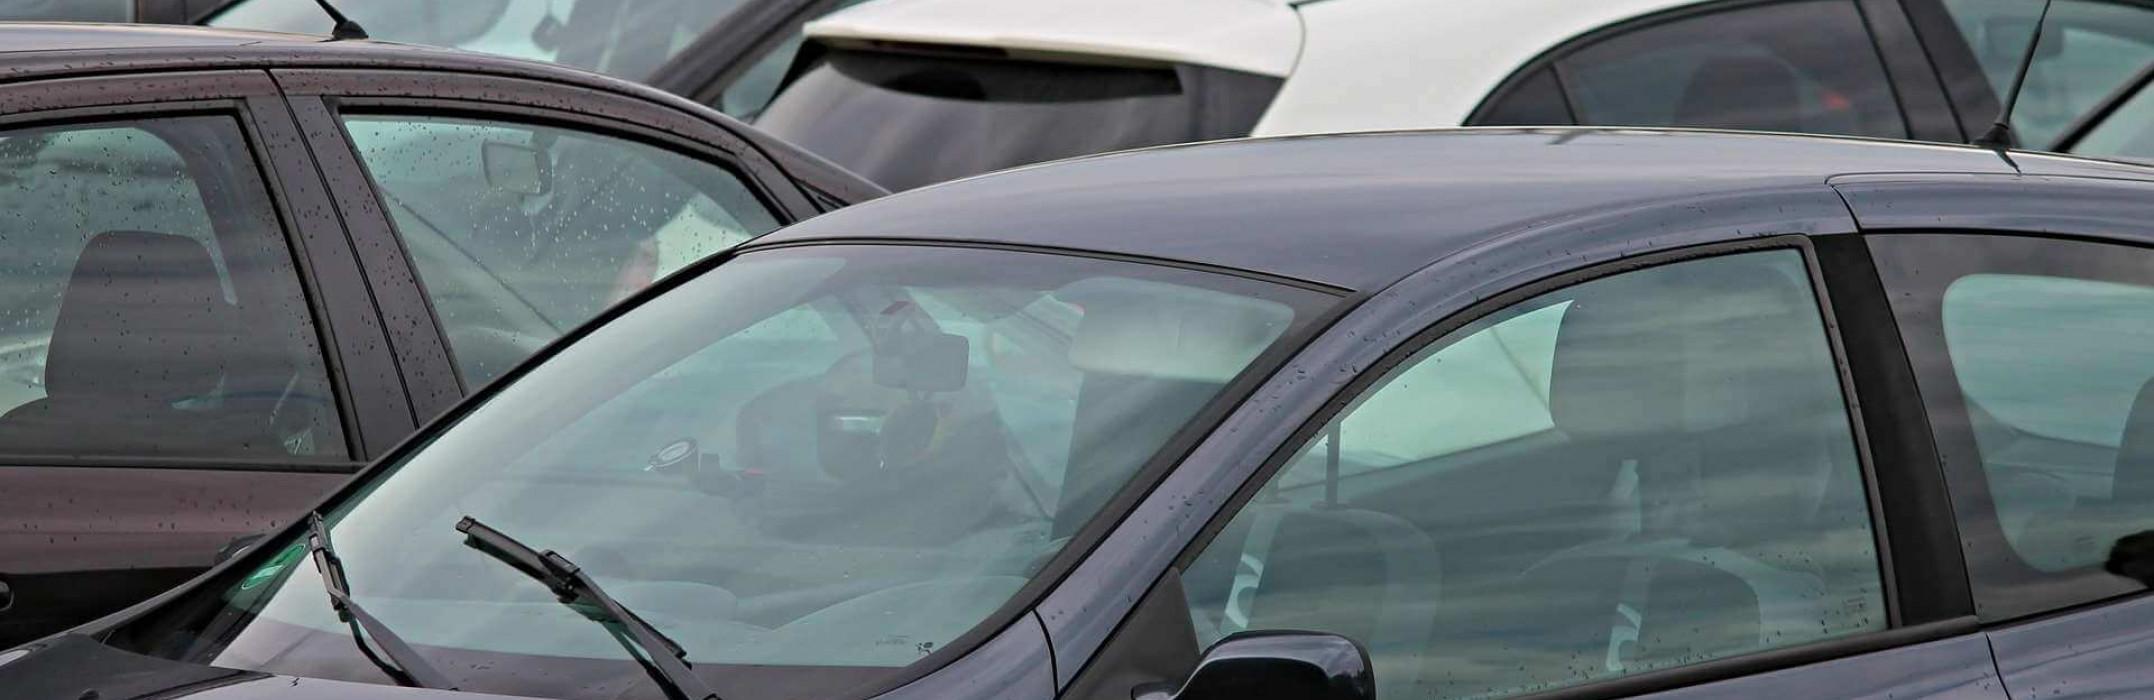 Sie wollen ihr Auto verkaufen? Dann nutzen Sie doch die kostenlose Fahrzeugbewertung von Autos am Posthorn.